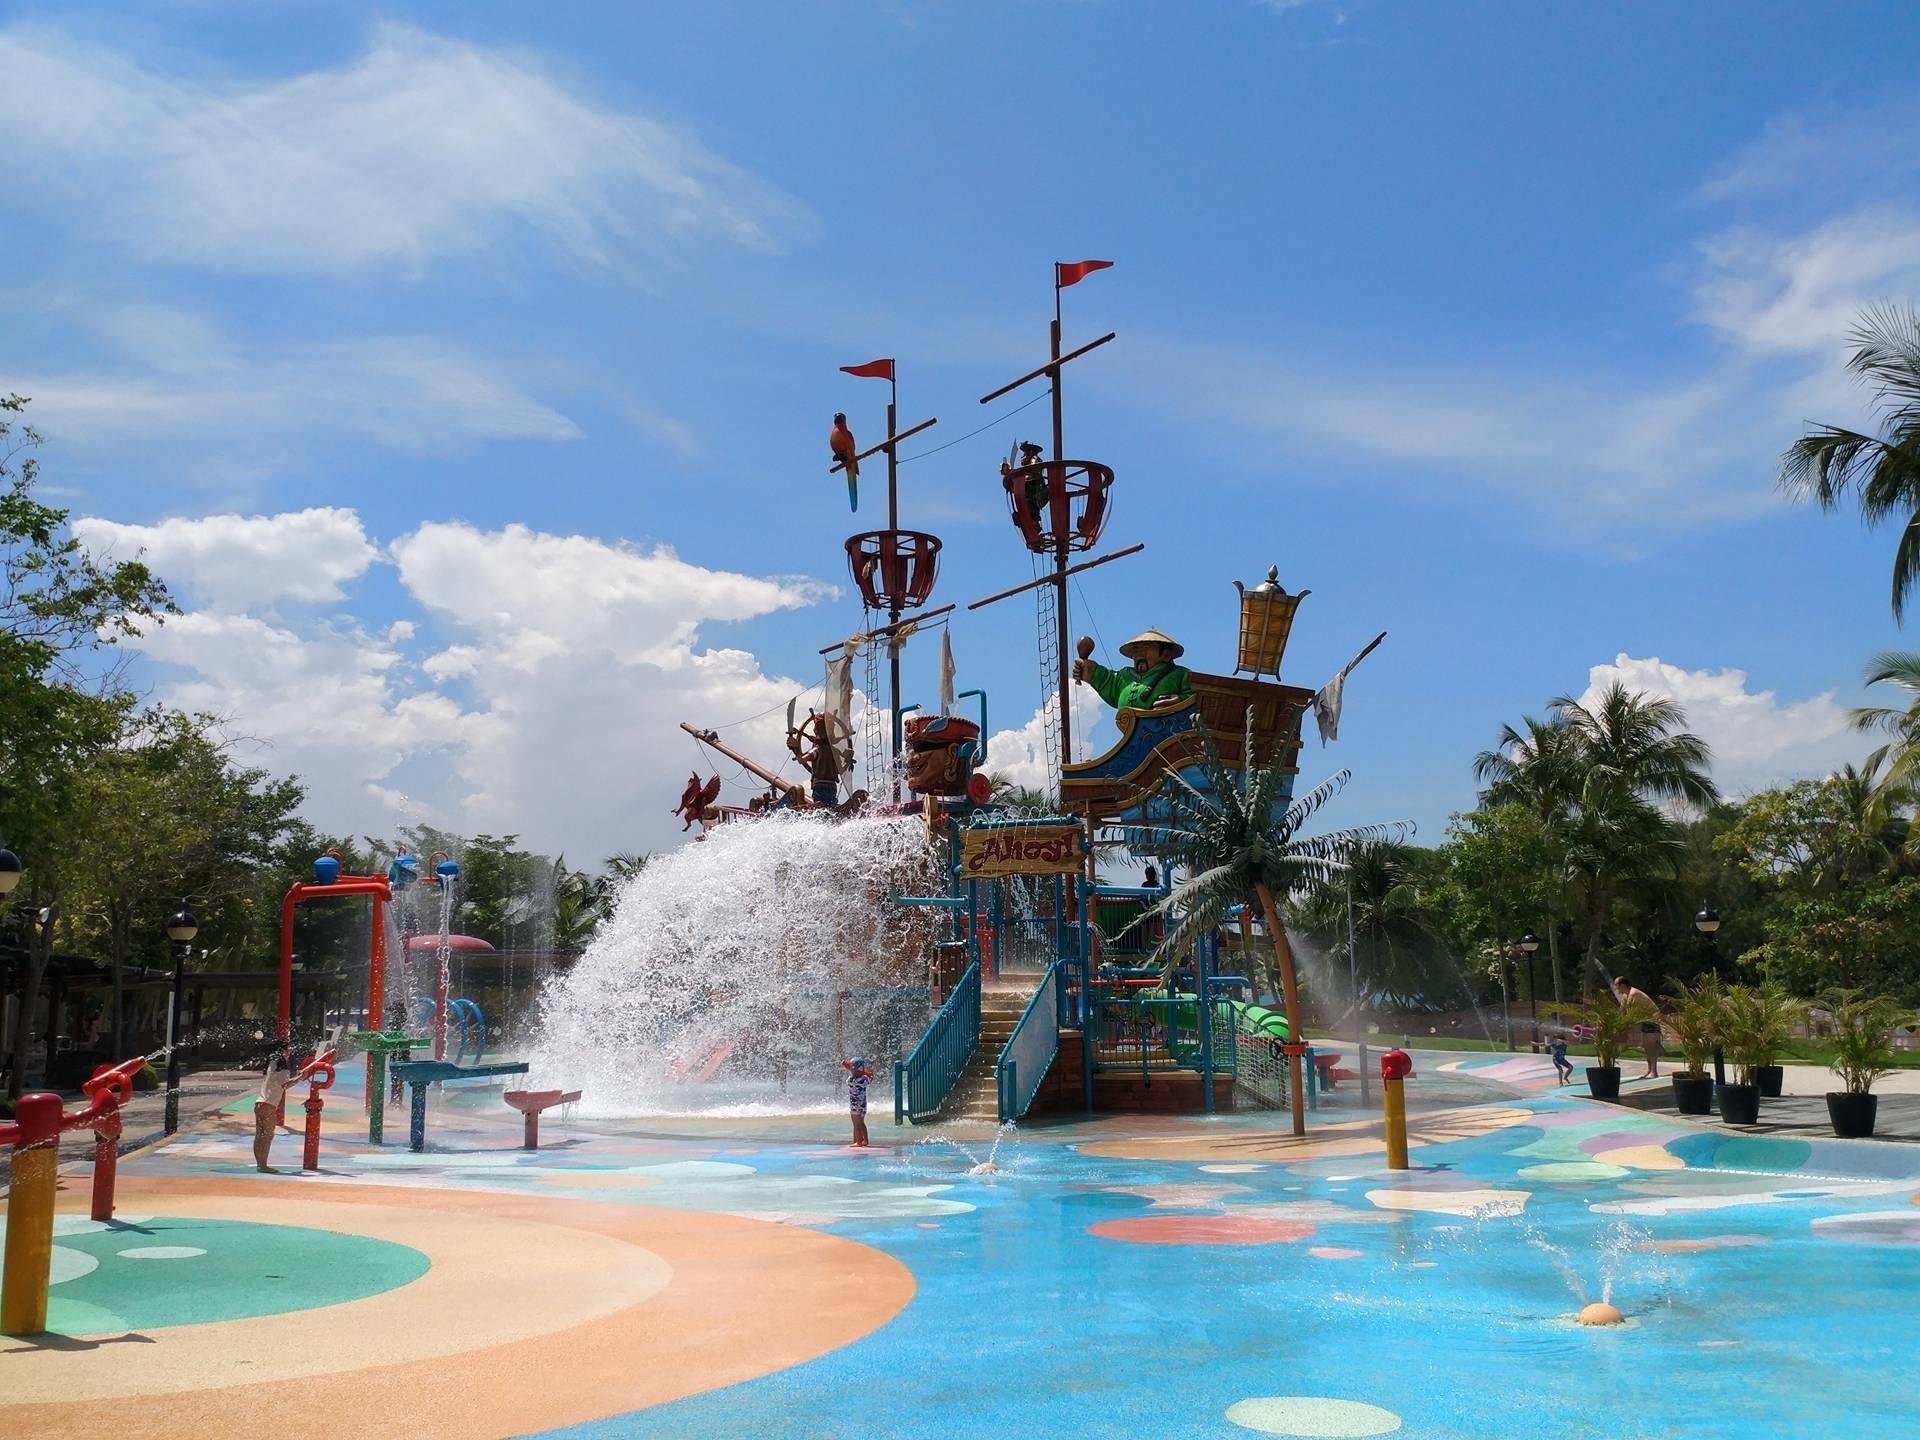 新加坡旅遊局暑假推介 親子景點水上樂園特色公園免費任玩